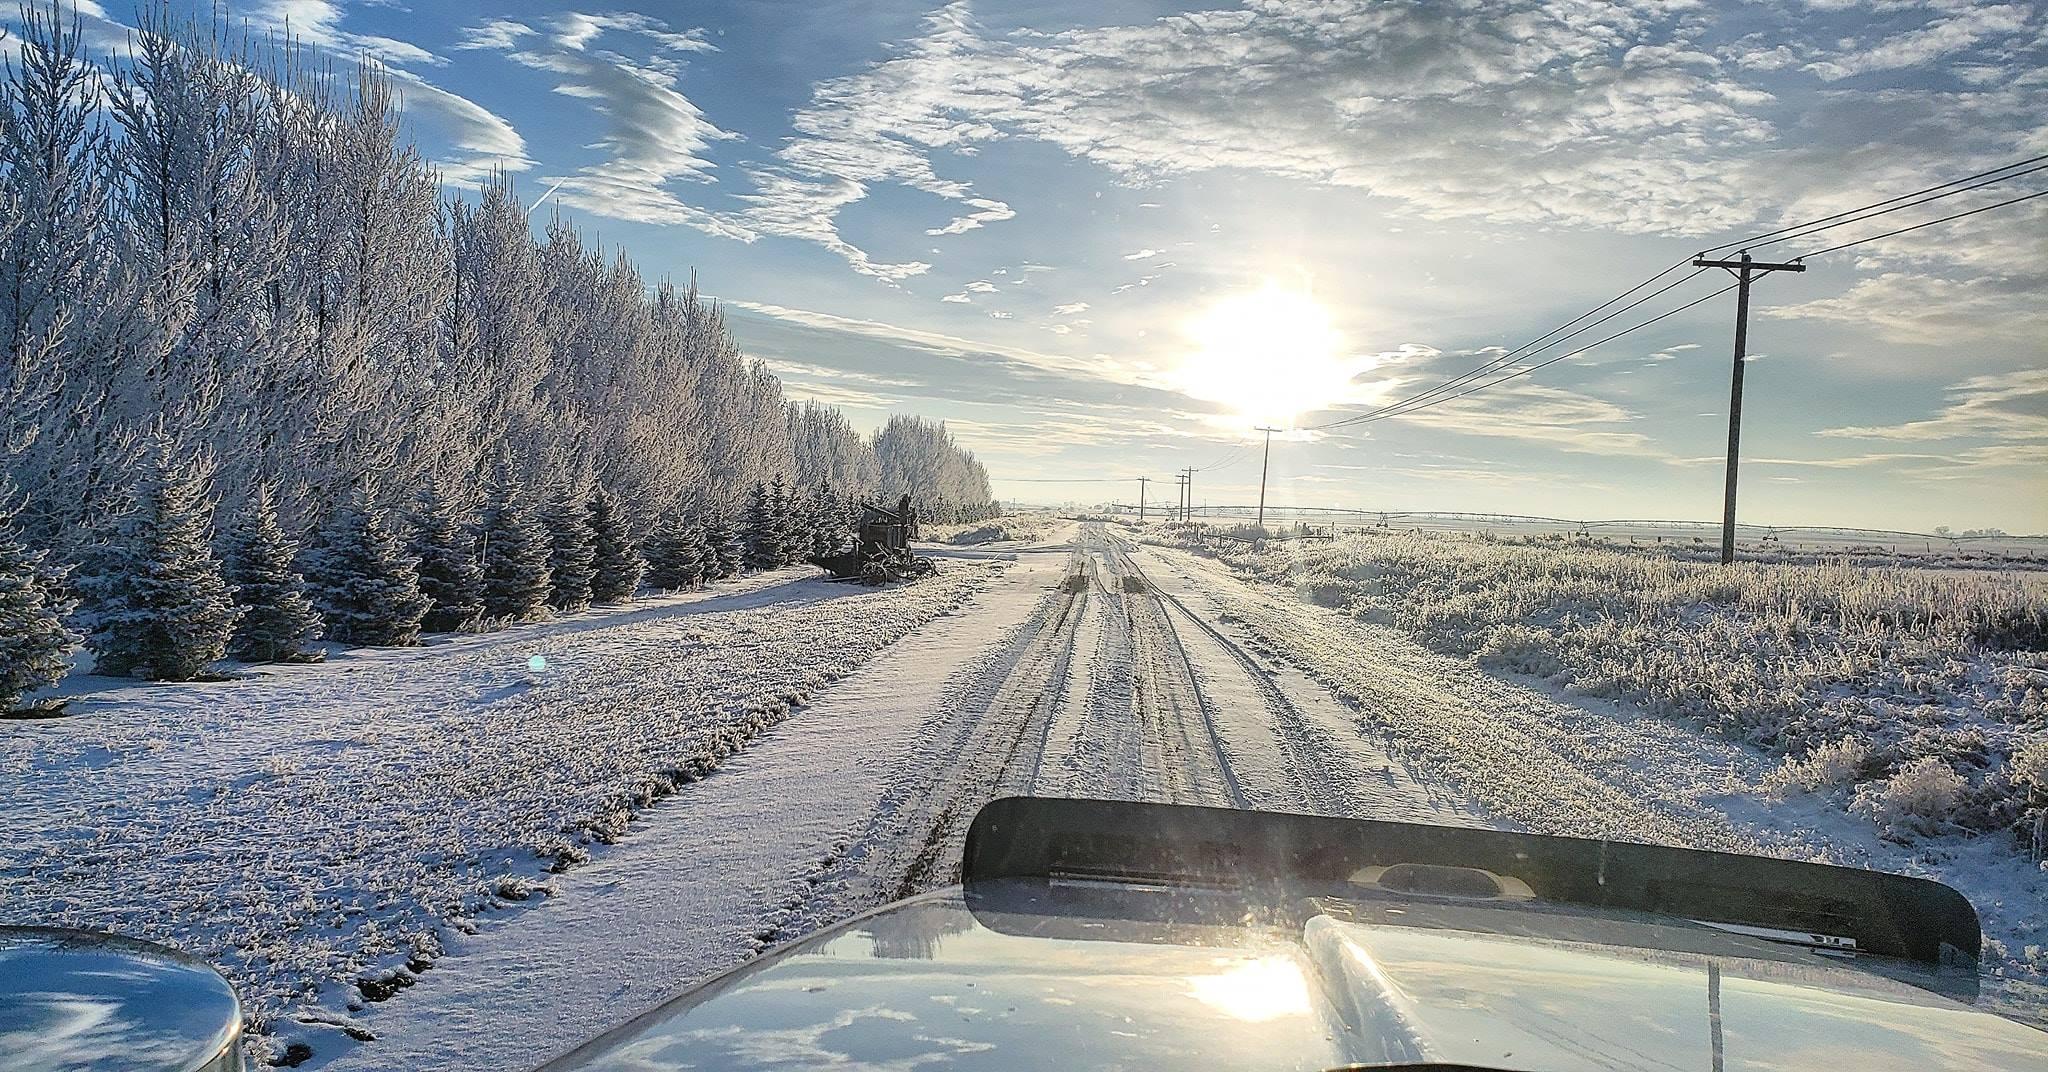 26-11-2021-Winter-op-zijn-mooiste-manier-Betoverend---(5)